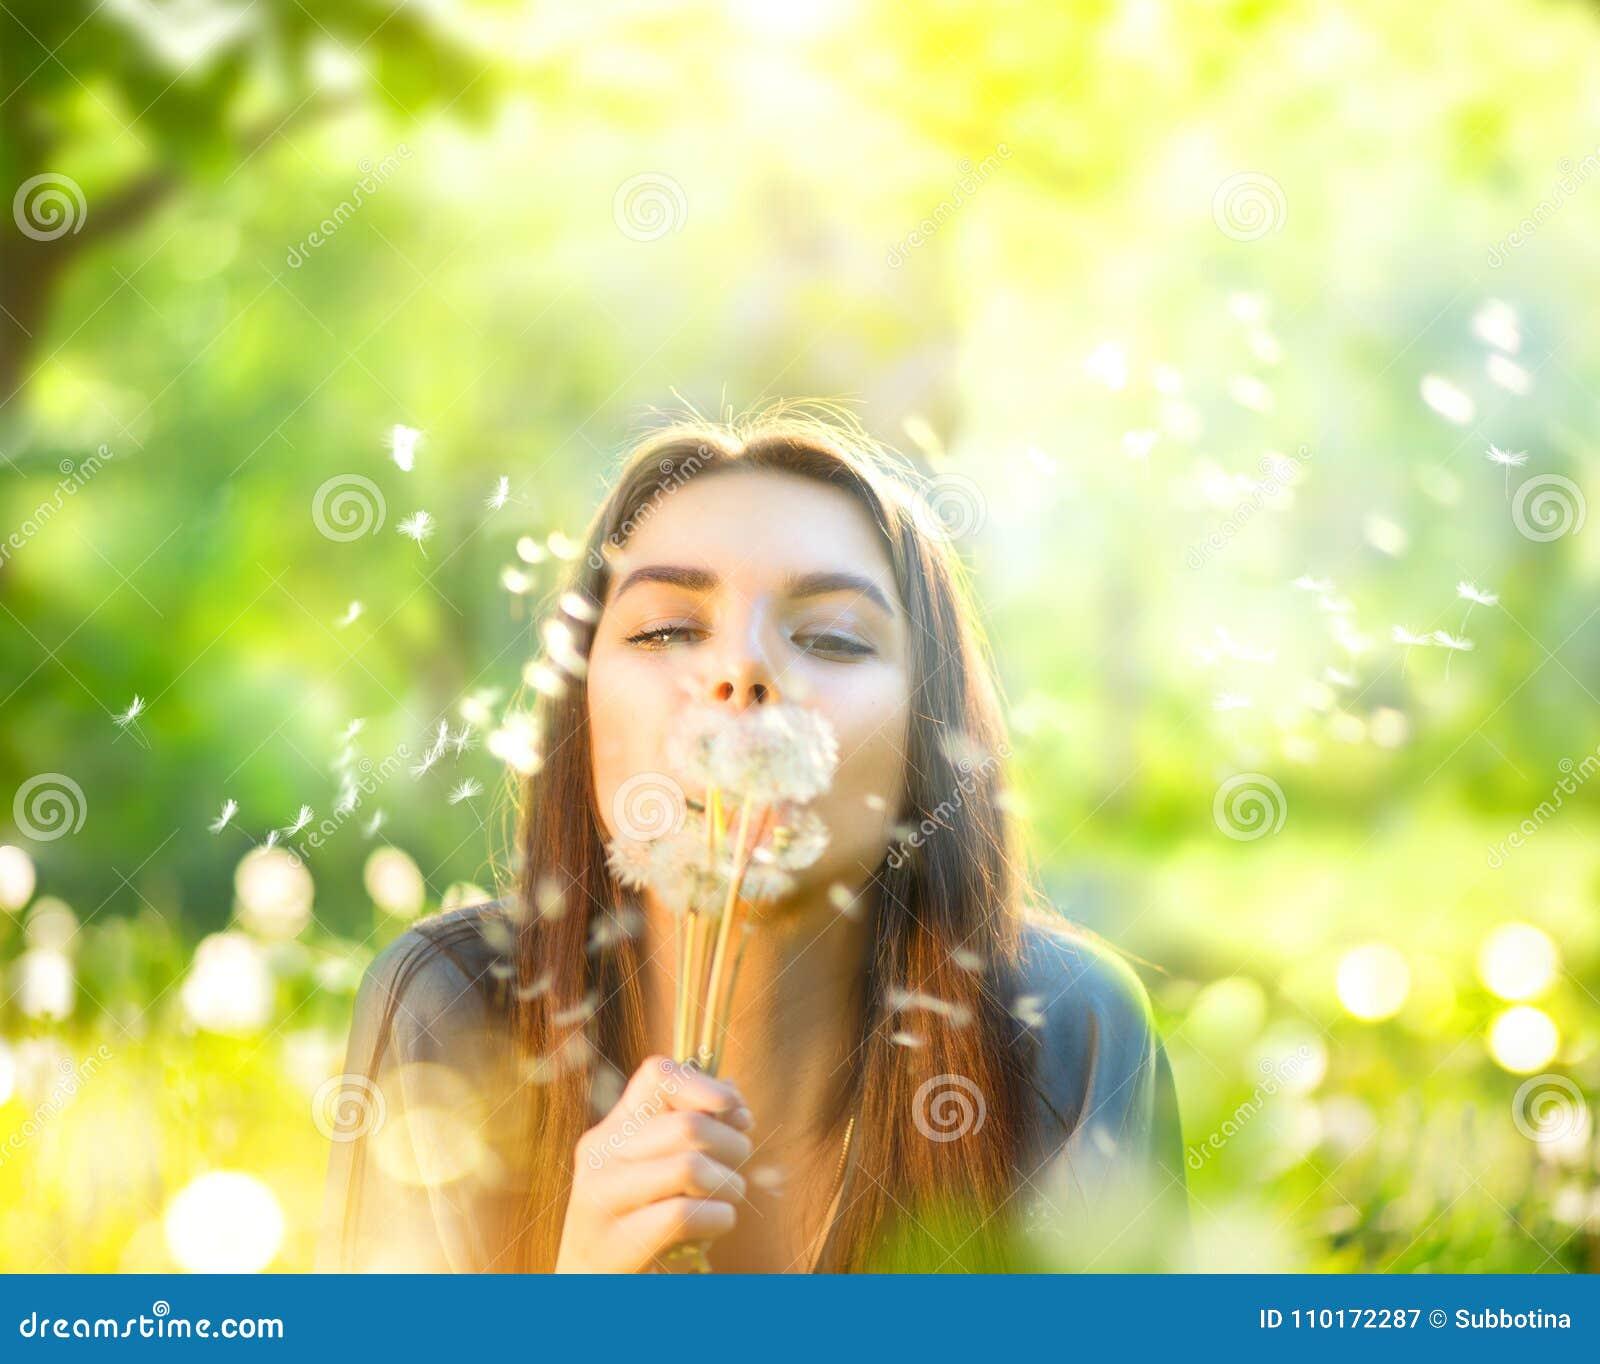 Härlig ung kvinna som ligger på grönt gräs och blåser maskrosor